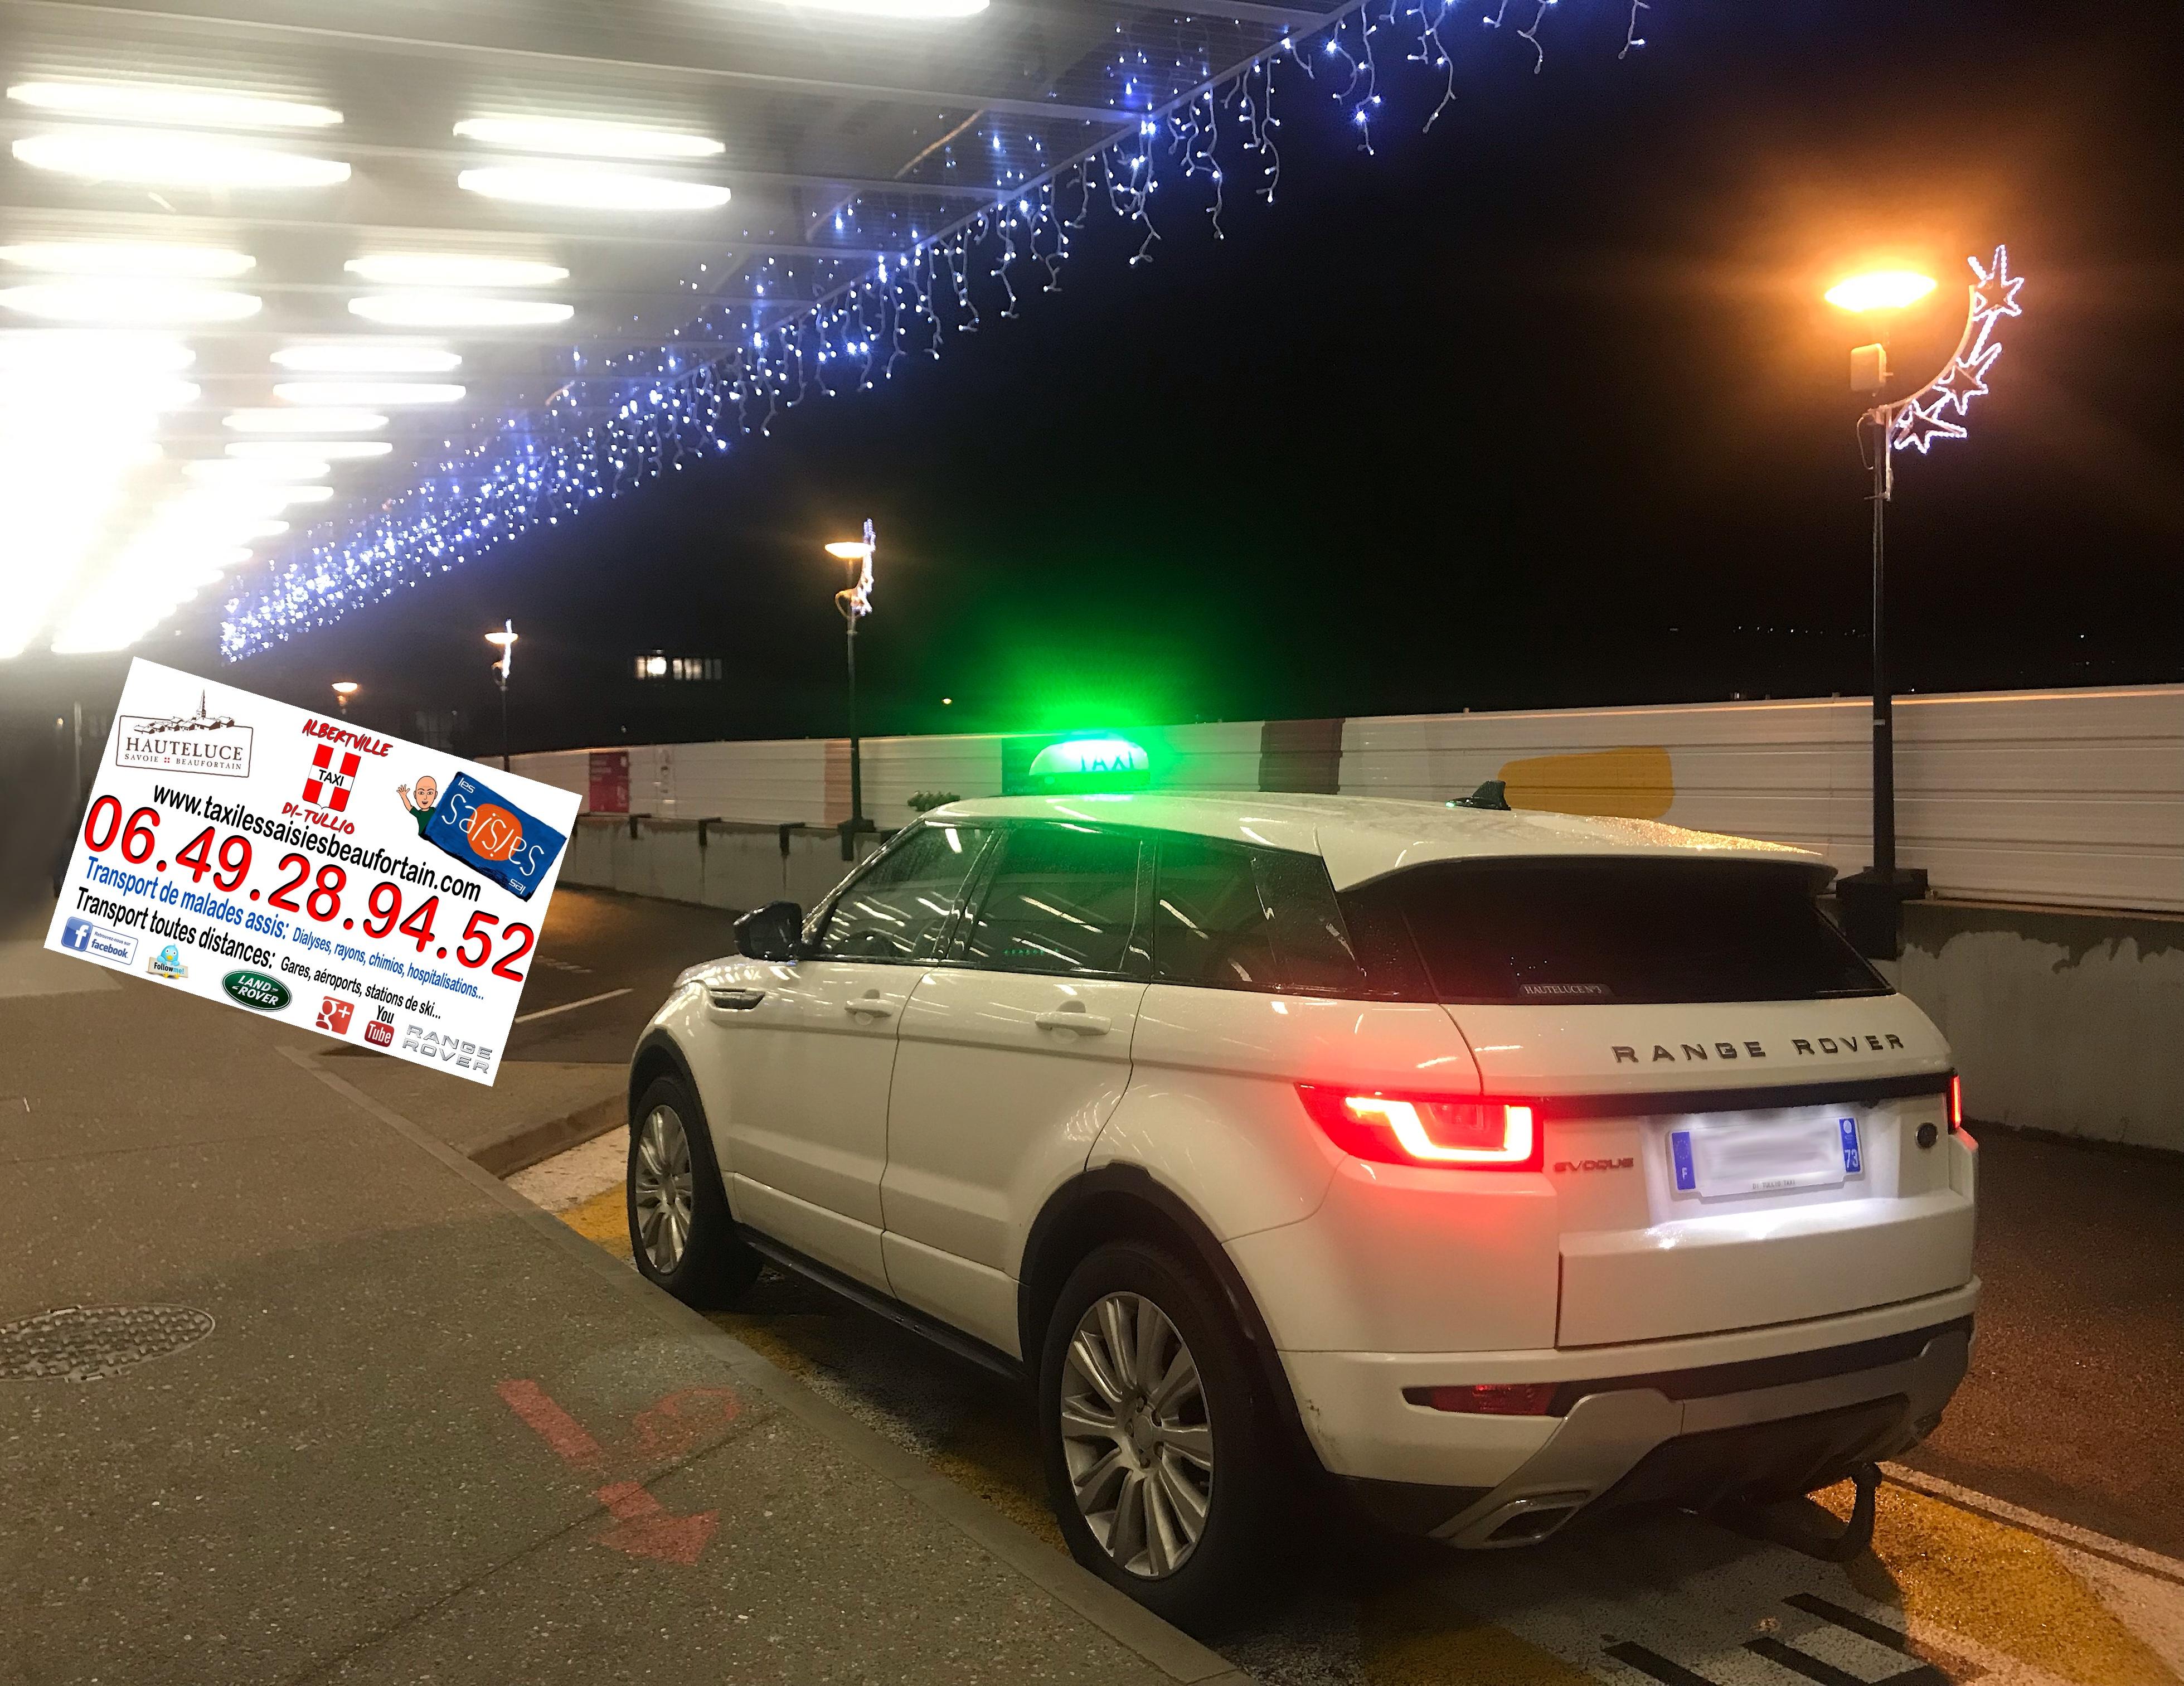 Taxi agréé Cpam 06.49.28.94.52